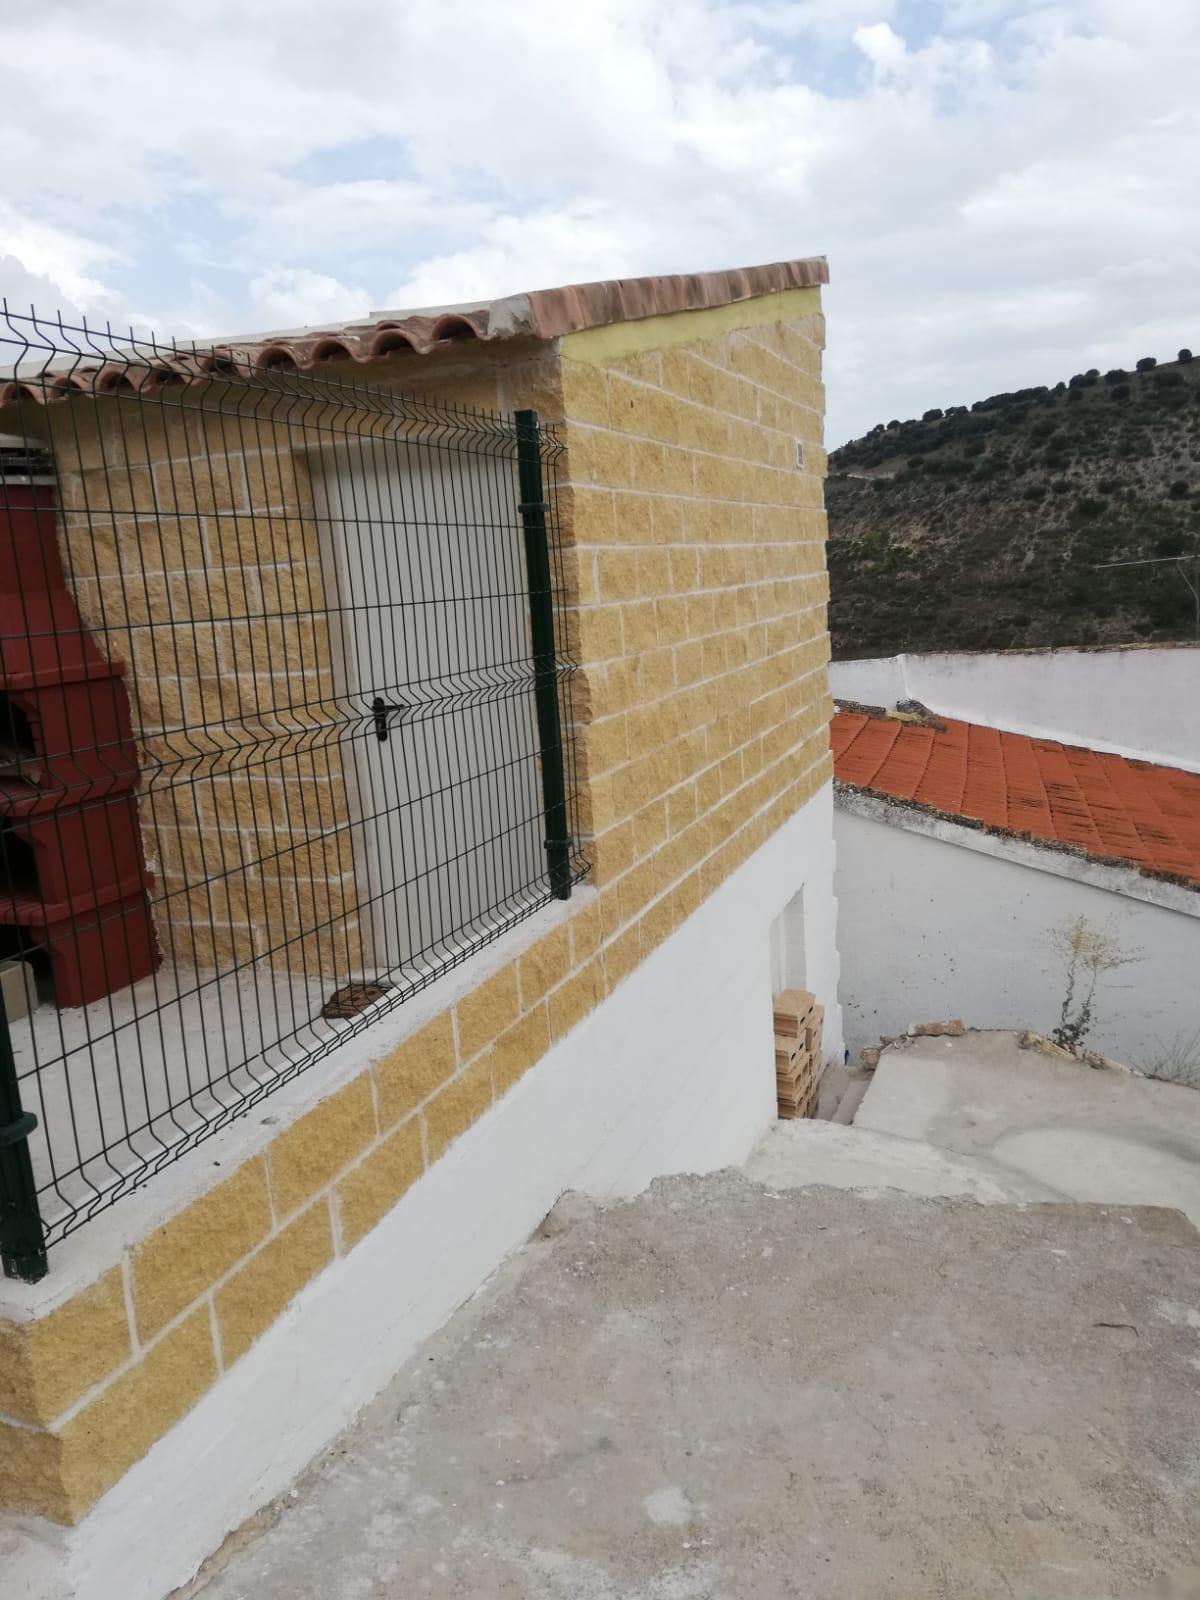 muro_de_bloques_guadalajara_madrid (2)